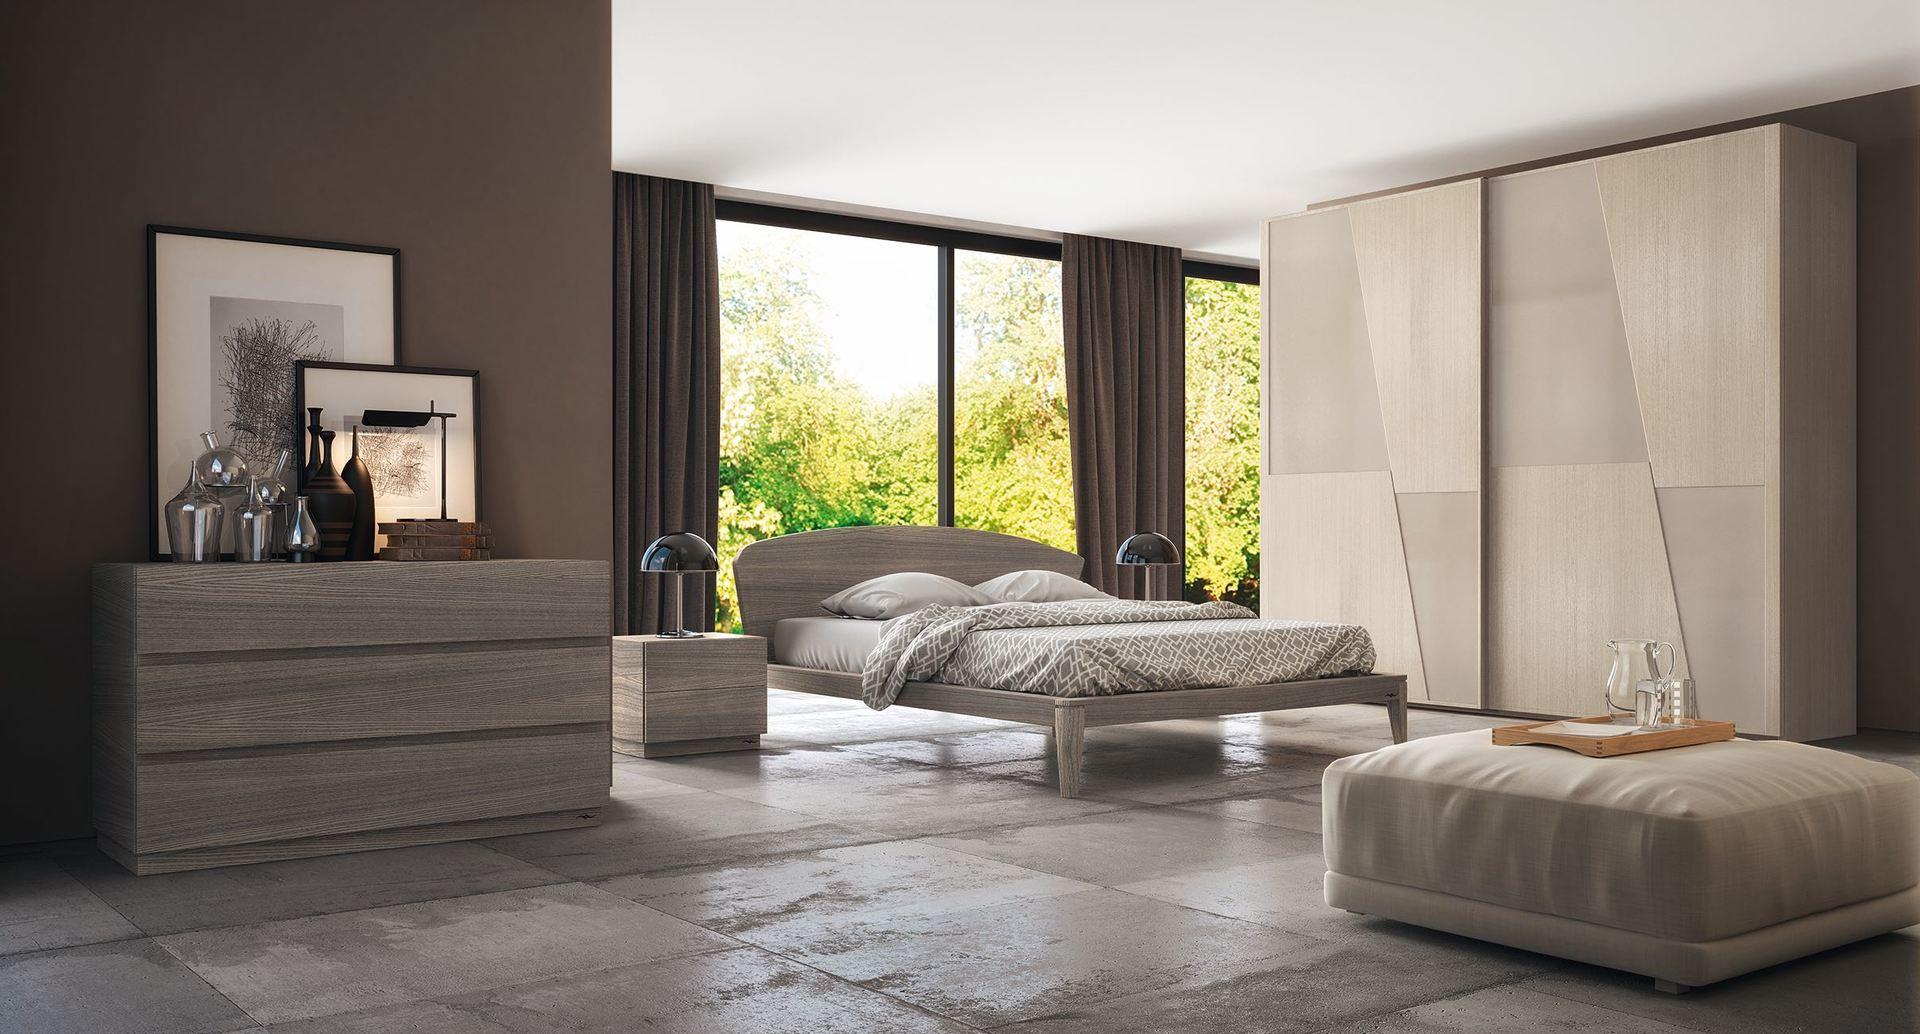 Camera da letto salerno montella prisma arredo - Spalliere da letto ...